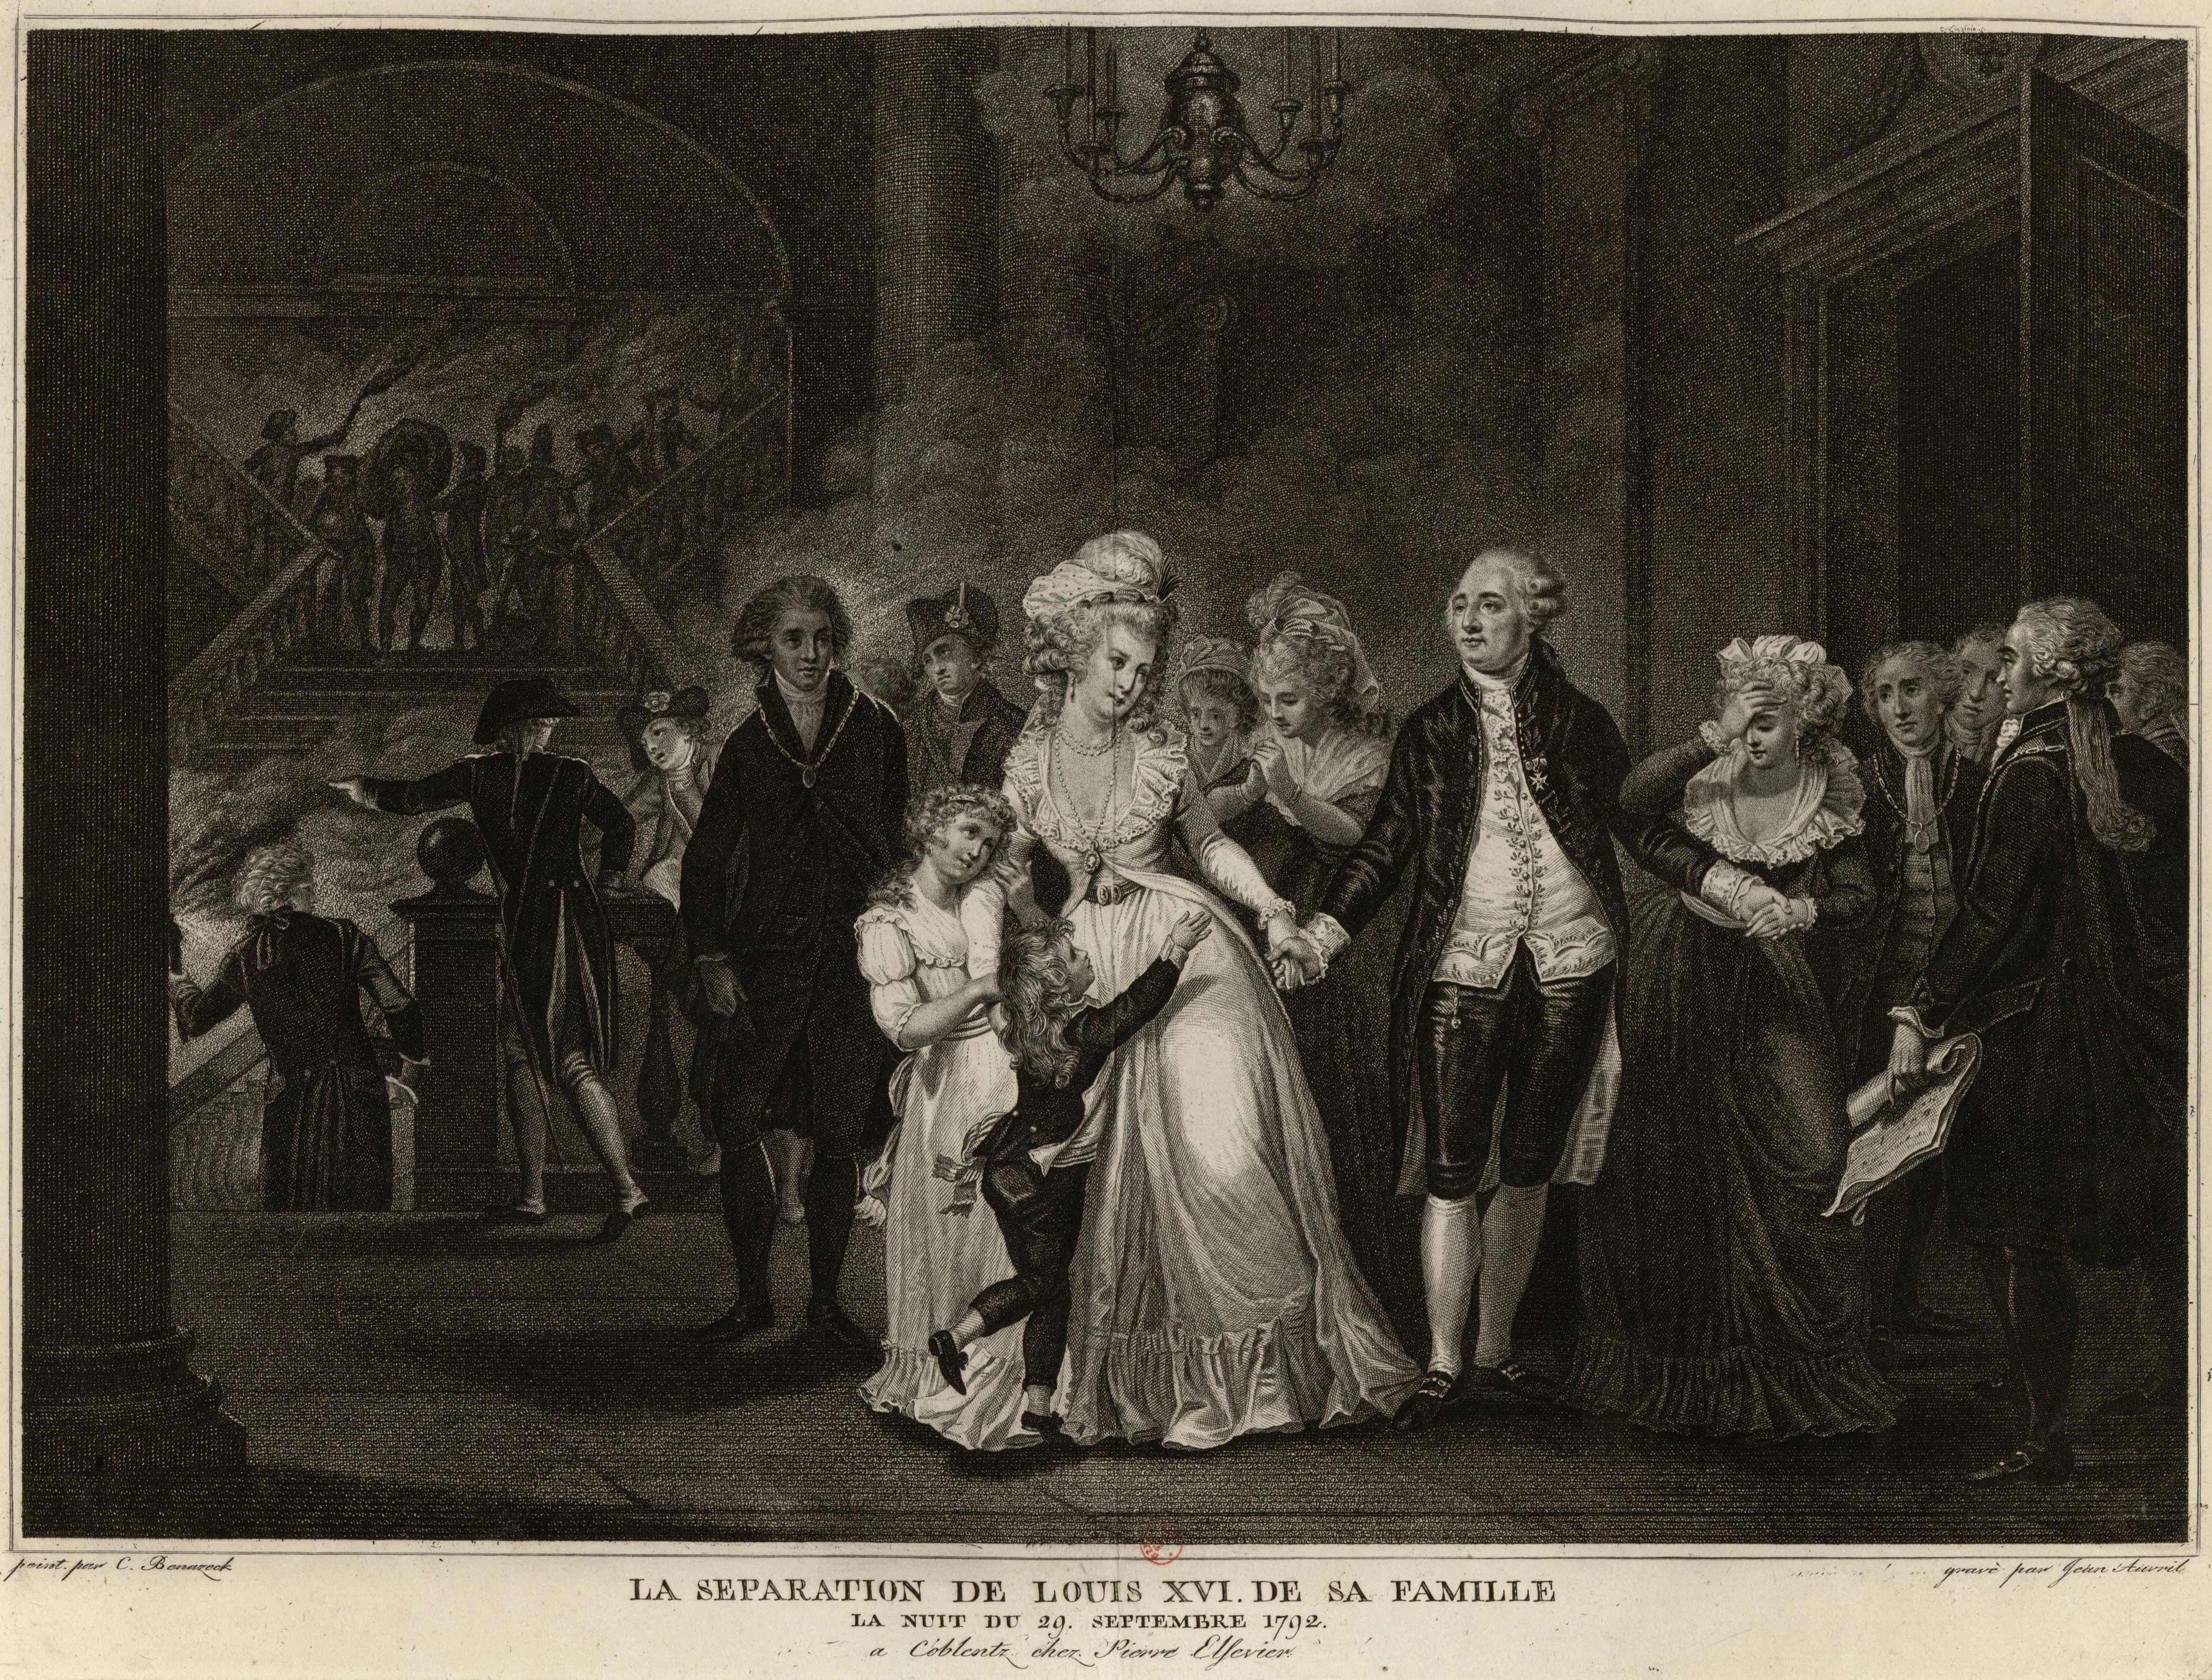 File:La Séparation de Louis XVI de sa famille - Etampe 1794-95.jpg ...